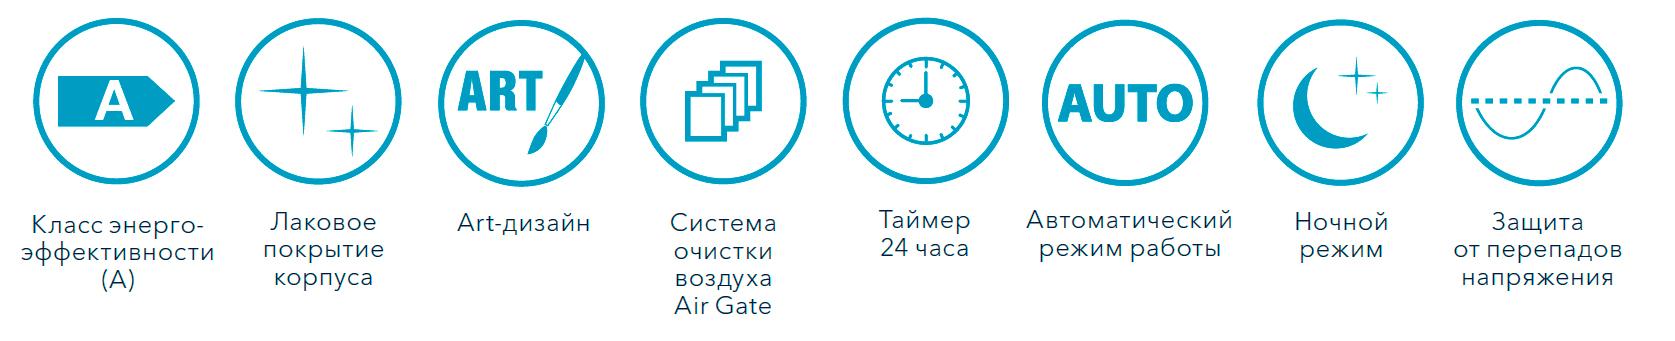 Функции и основные особенности кондиционера Electrolux EACS-07HG-B/N3 серии Air Gate